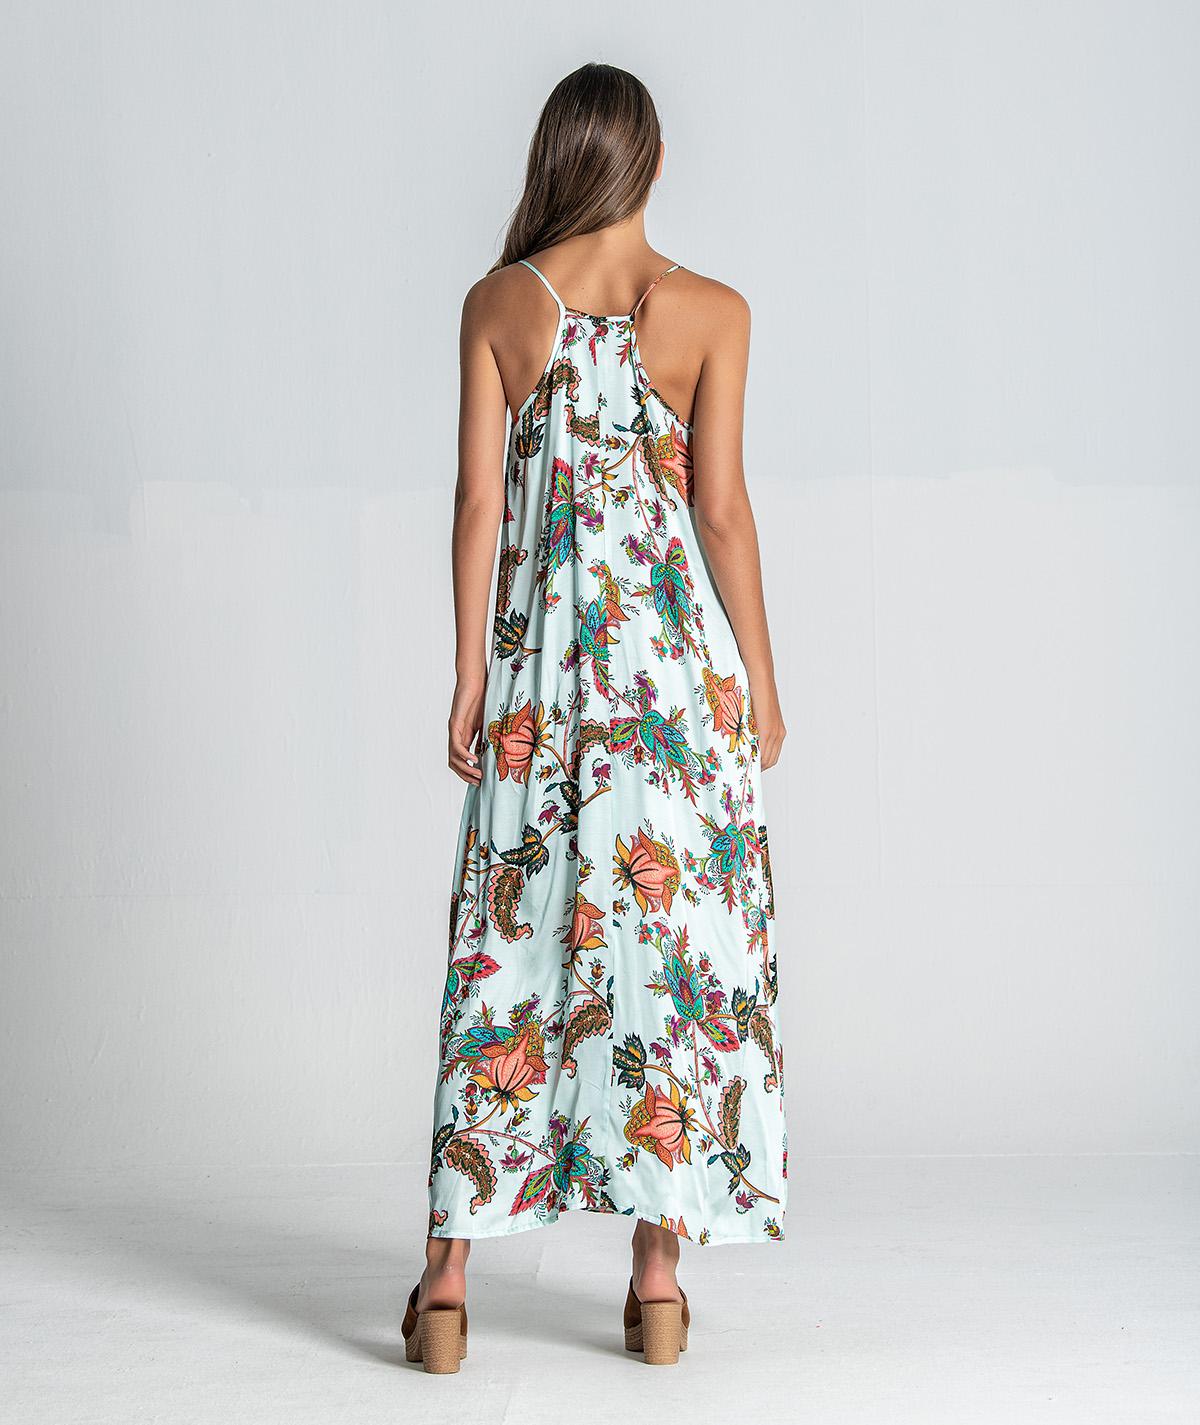 Ruga Vestido 2869